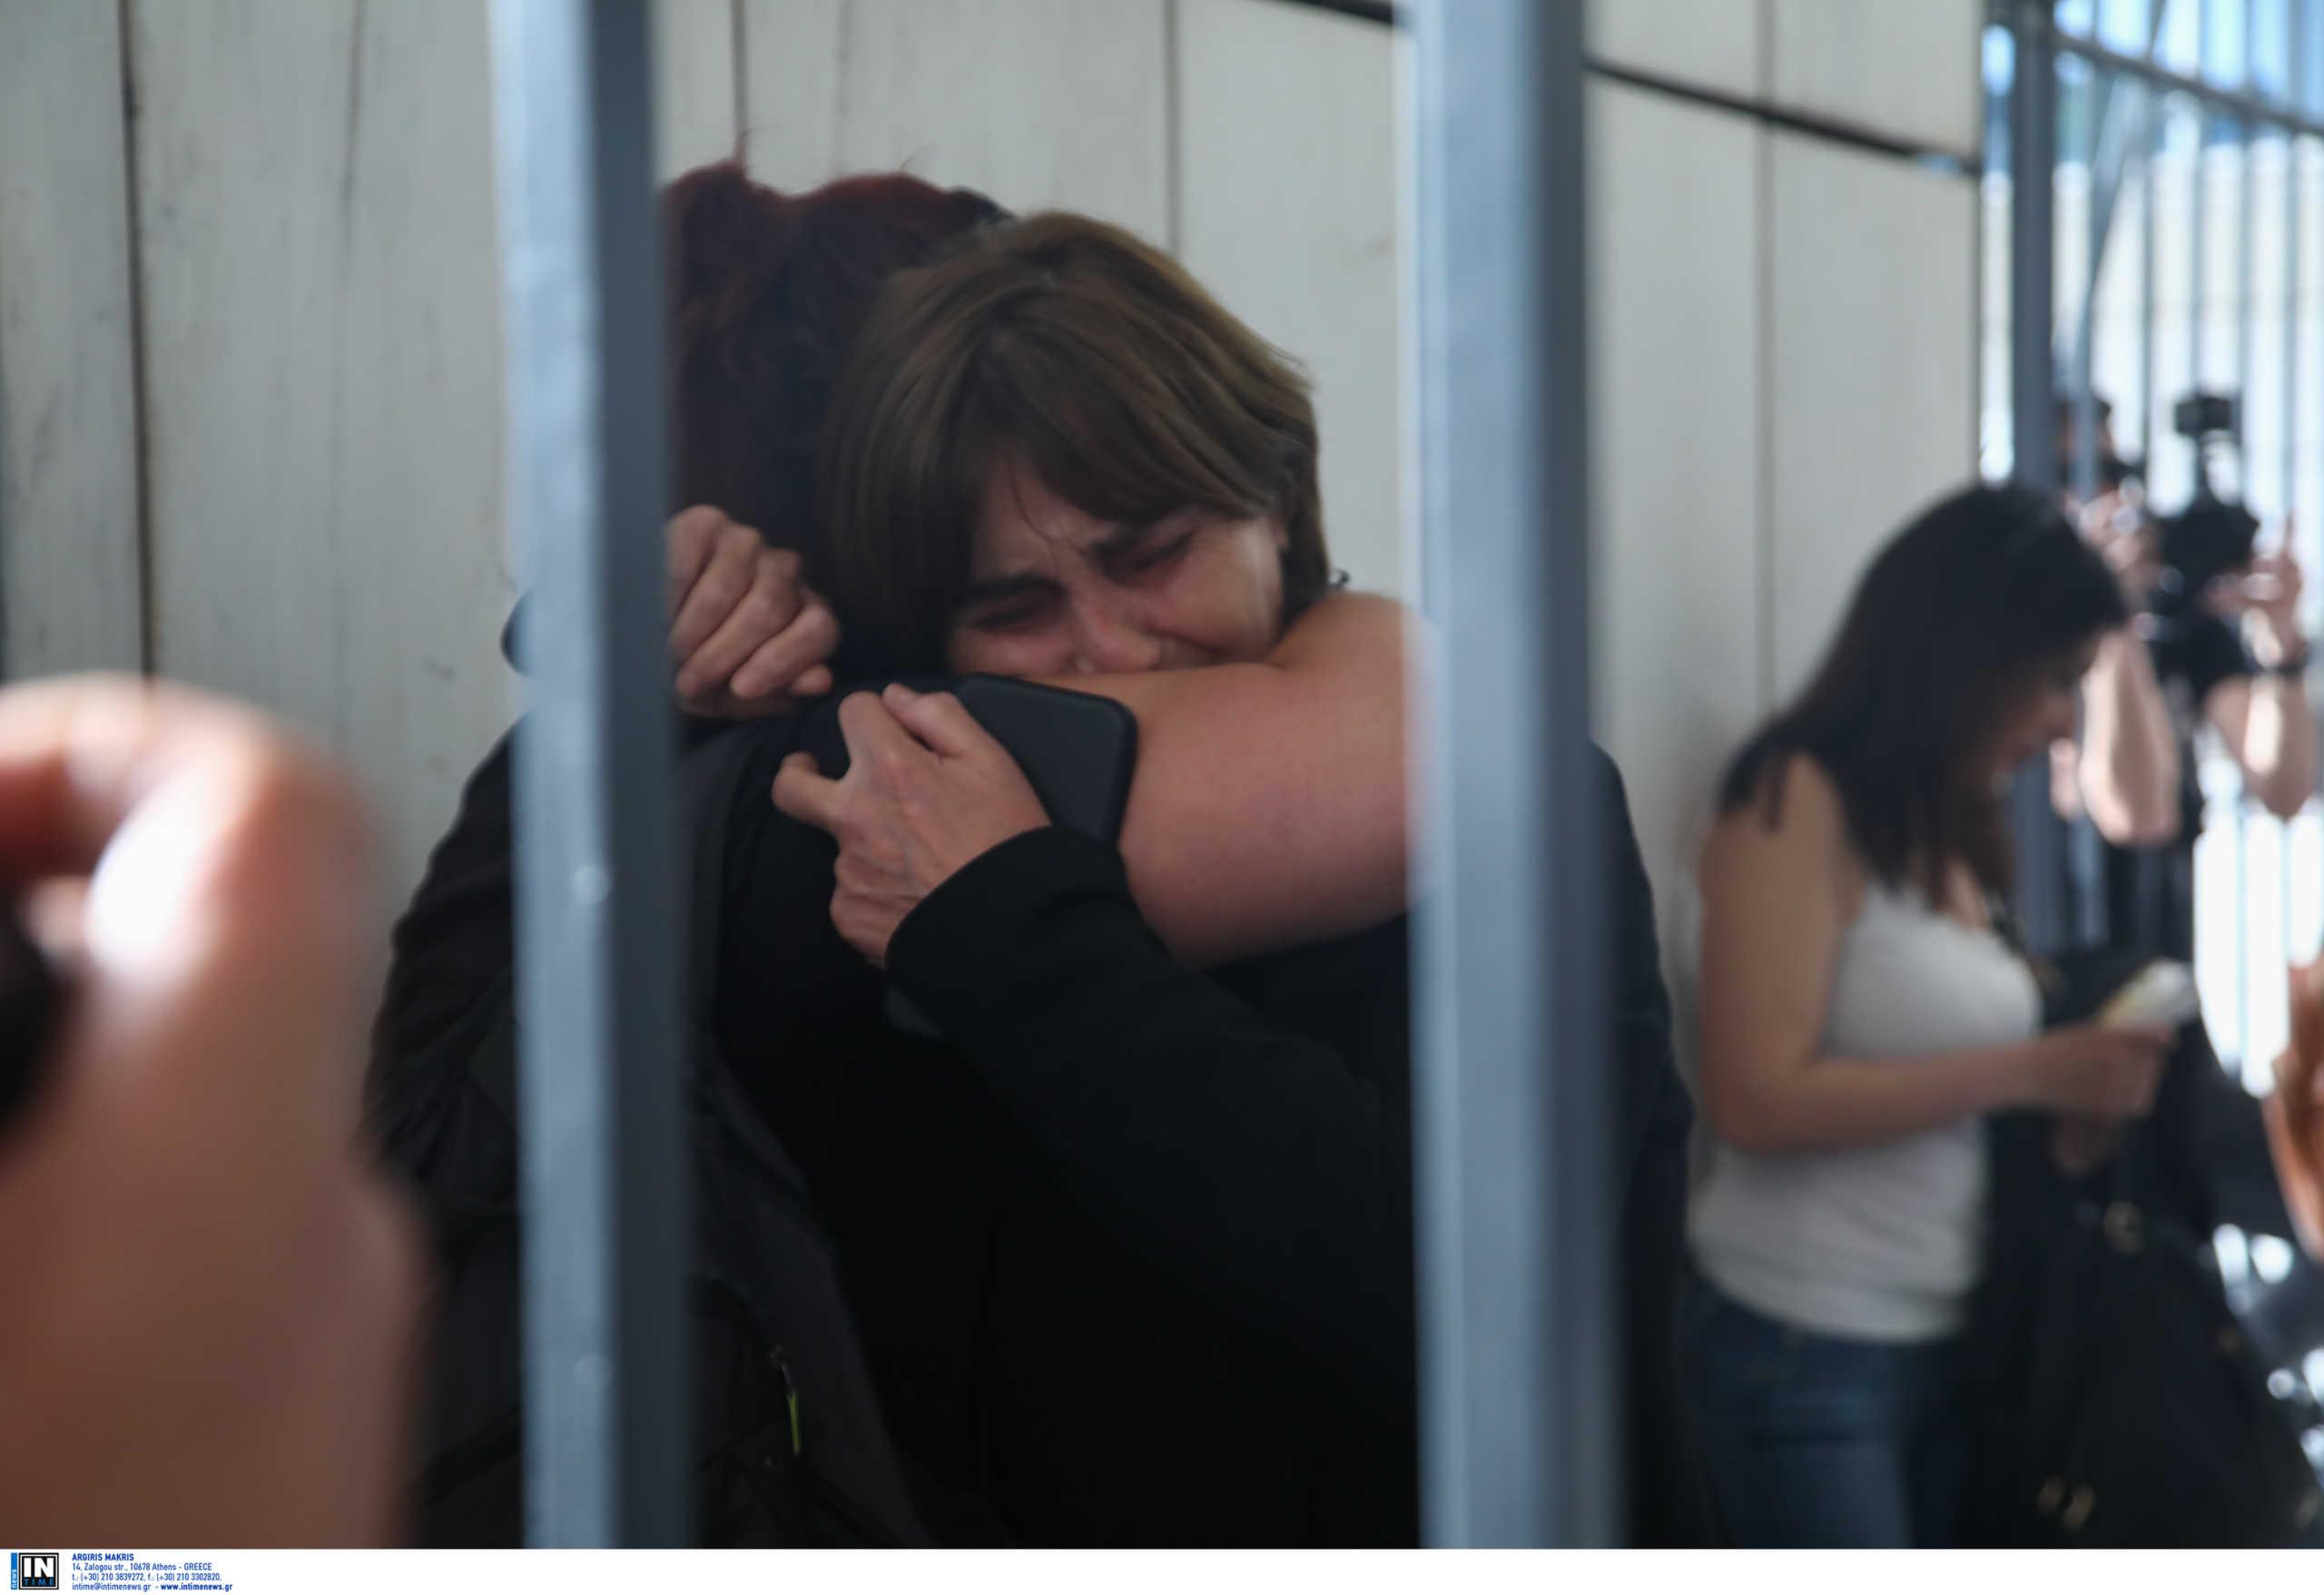 Επίθεση από αγνώστους στην εισαγγελέα της δίκης Τοπαλούδη!